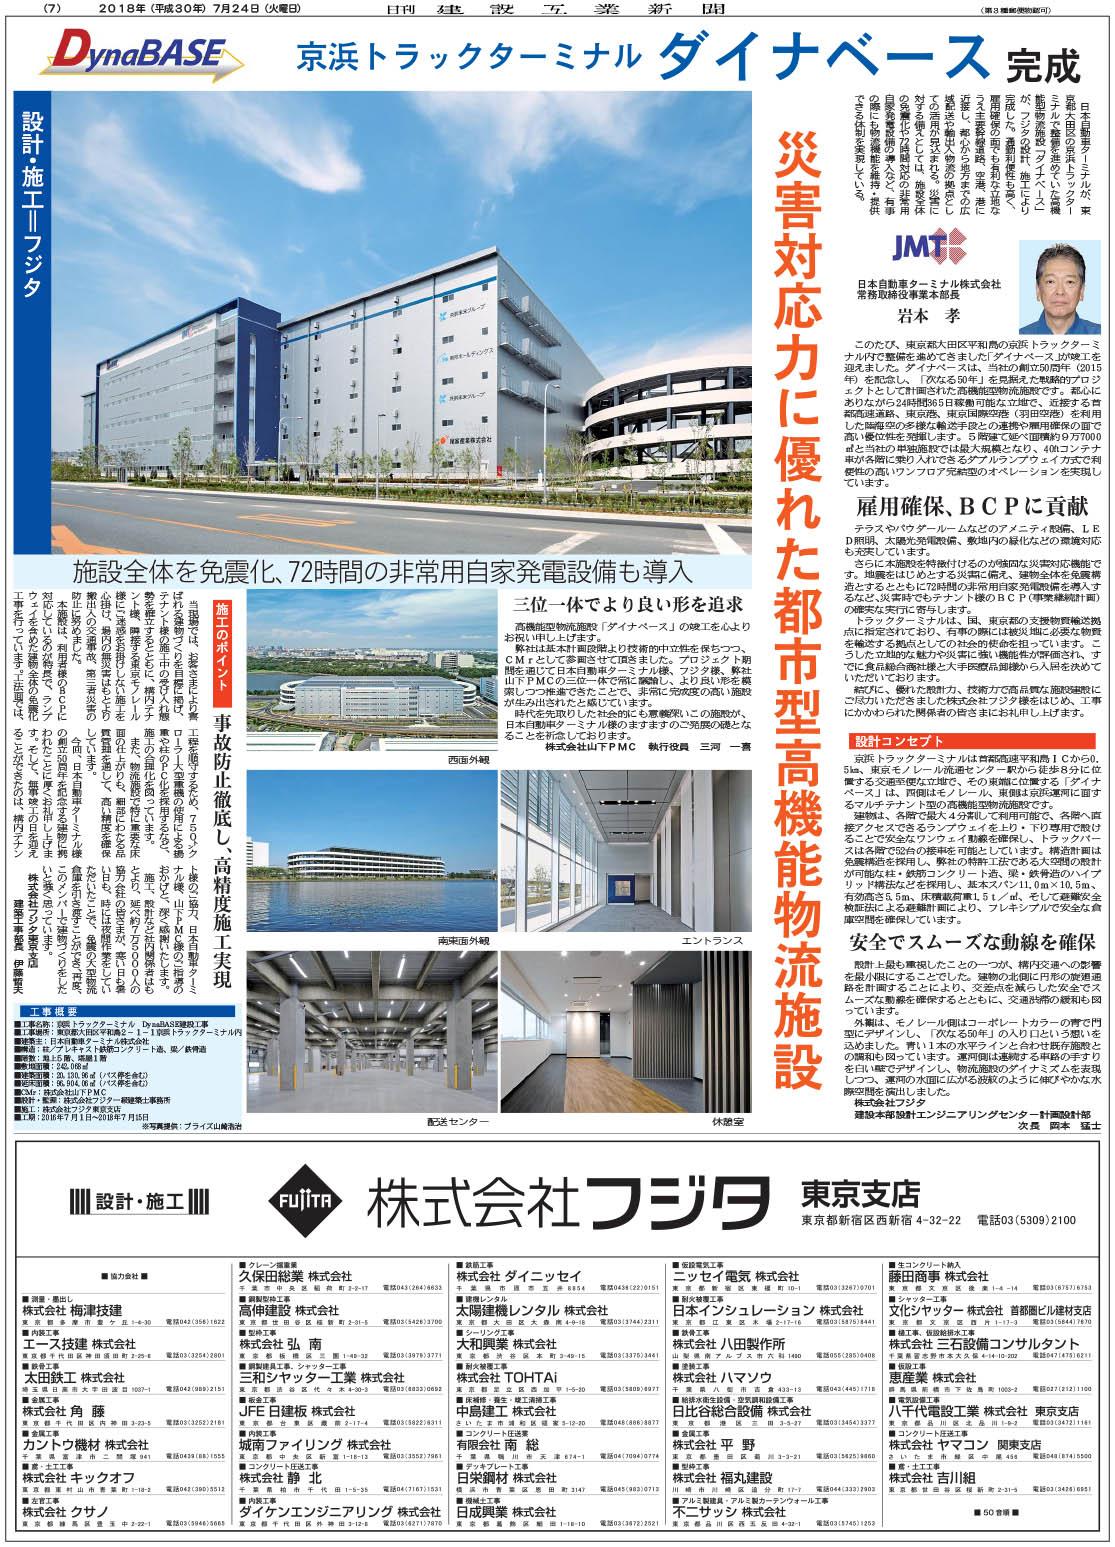 京浜トラックターミナル ダイナベース 完成 | 日刊建設工業新聞